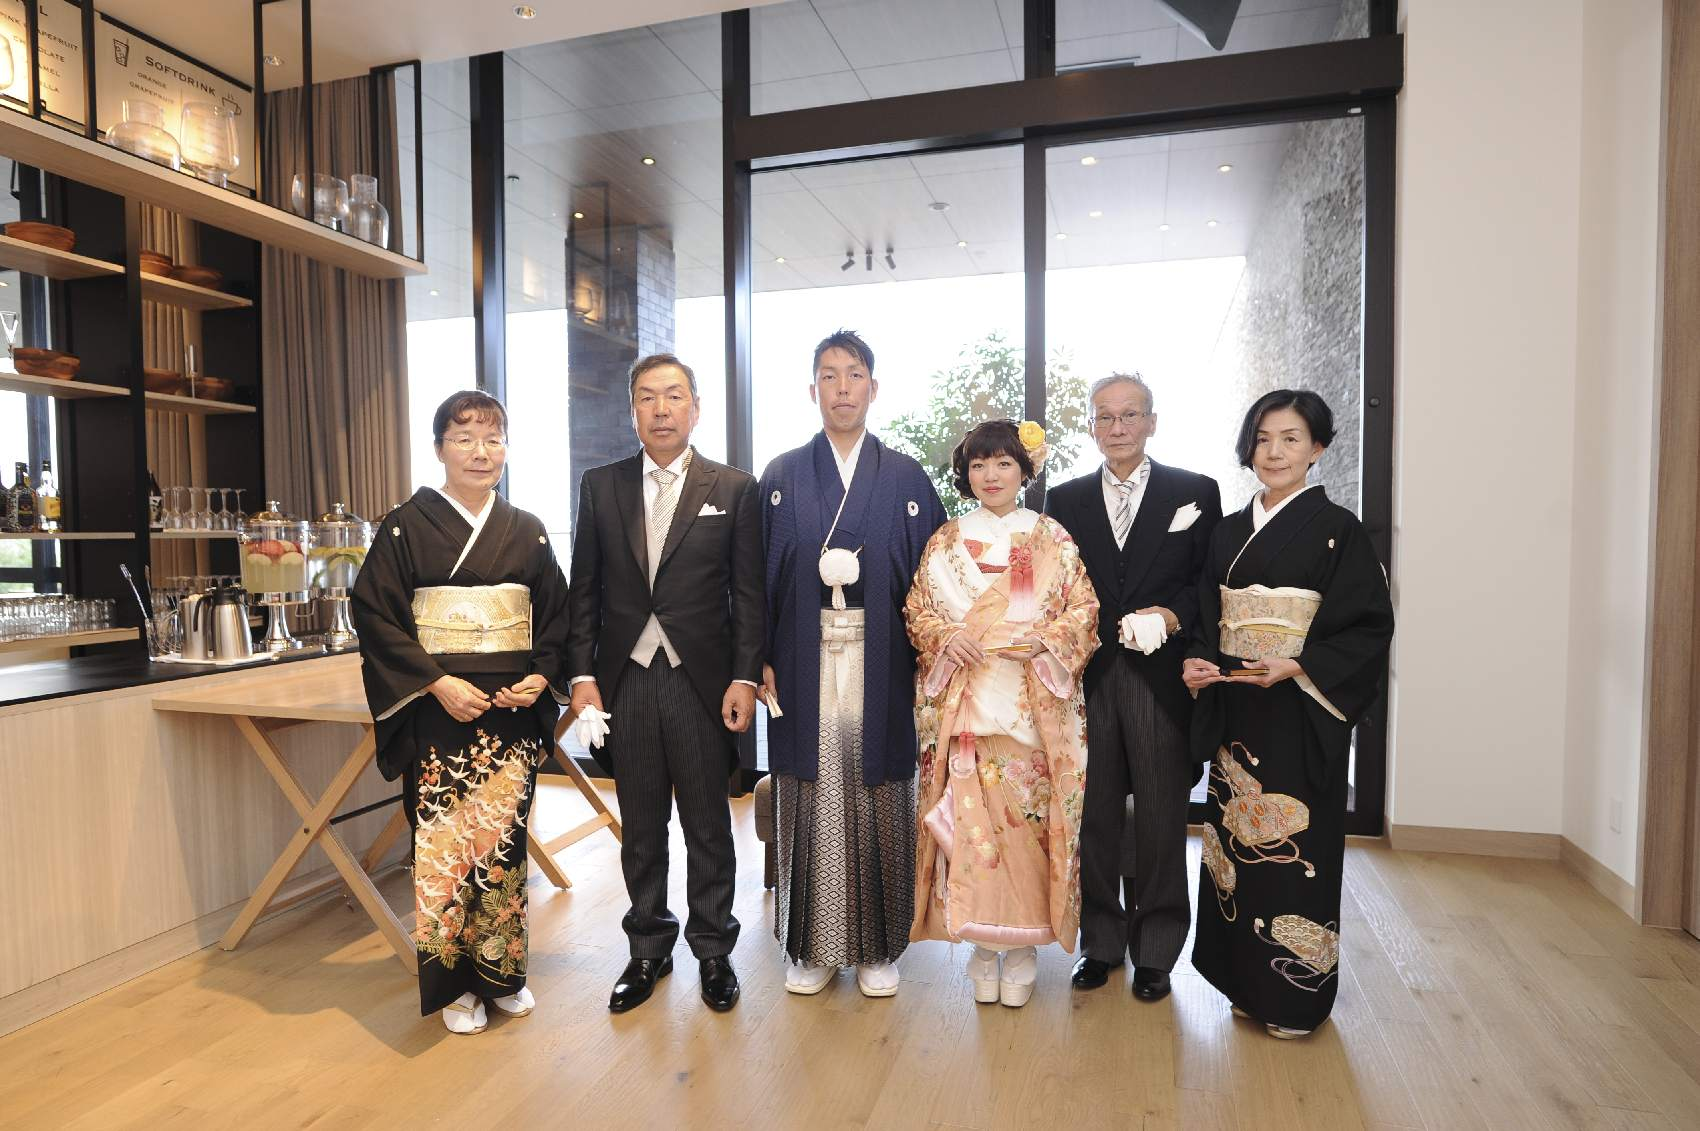 香川県高松市の結婚式場アナザースタイルの両家で記念写真